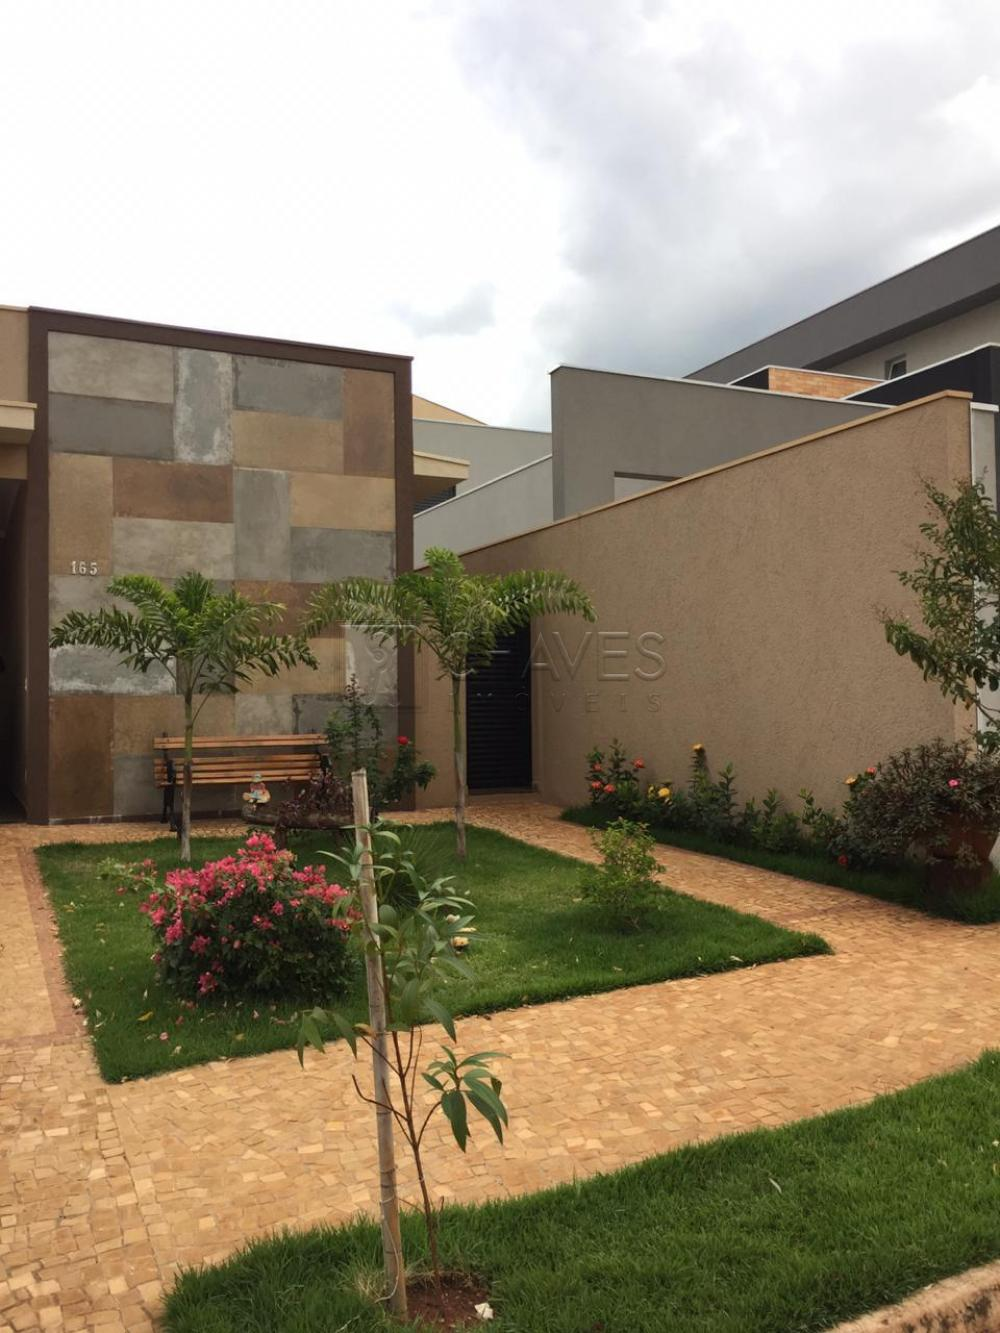 Comprar Casa / Condomínio em Bonfim Paulista apenas R$ 900.000,00 - Foto 2